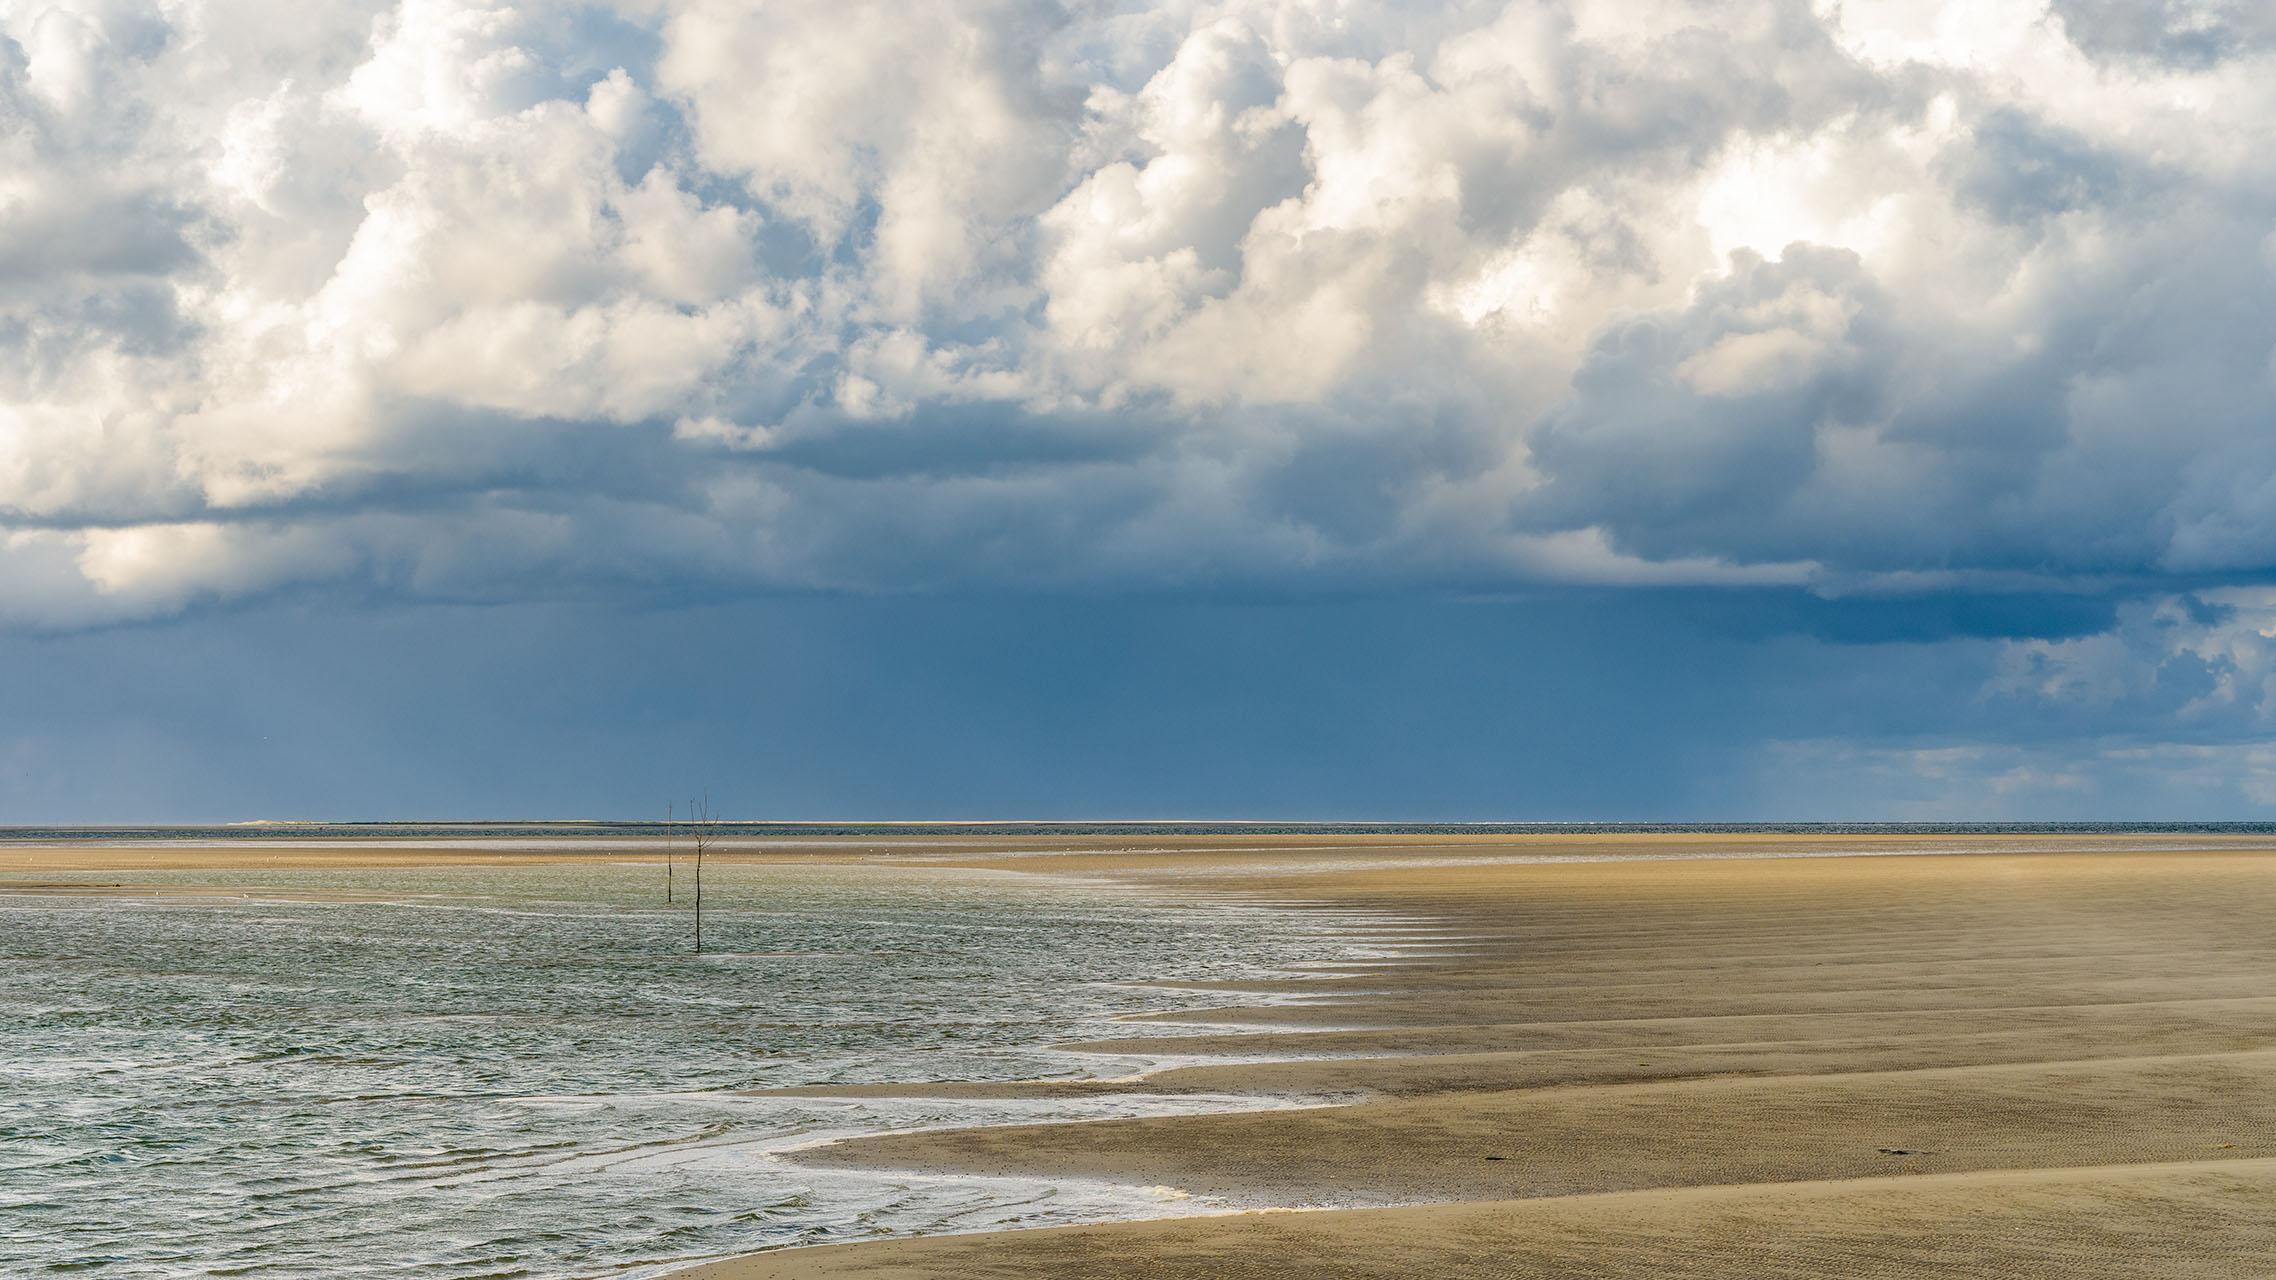 Op de rand van water, aarde en lucht. Prachtige wolkenluchten langs de vloedlijn van Rottumeroog